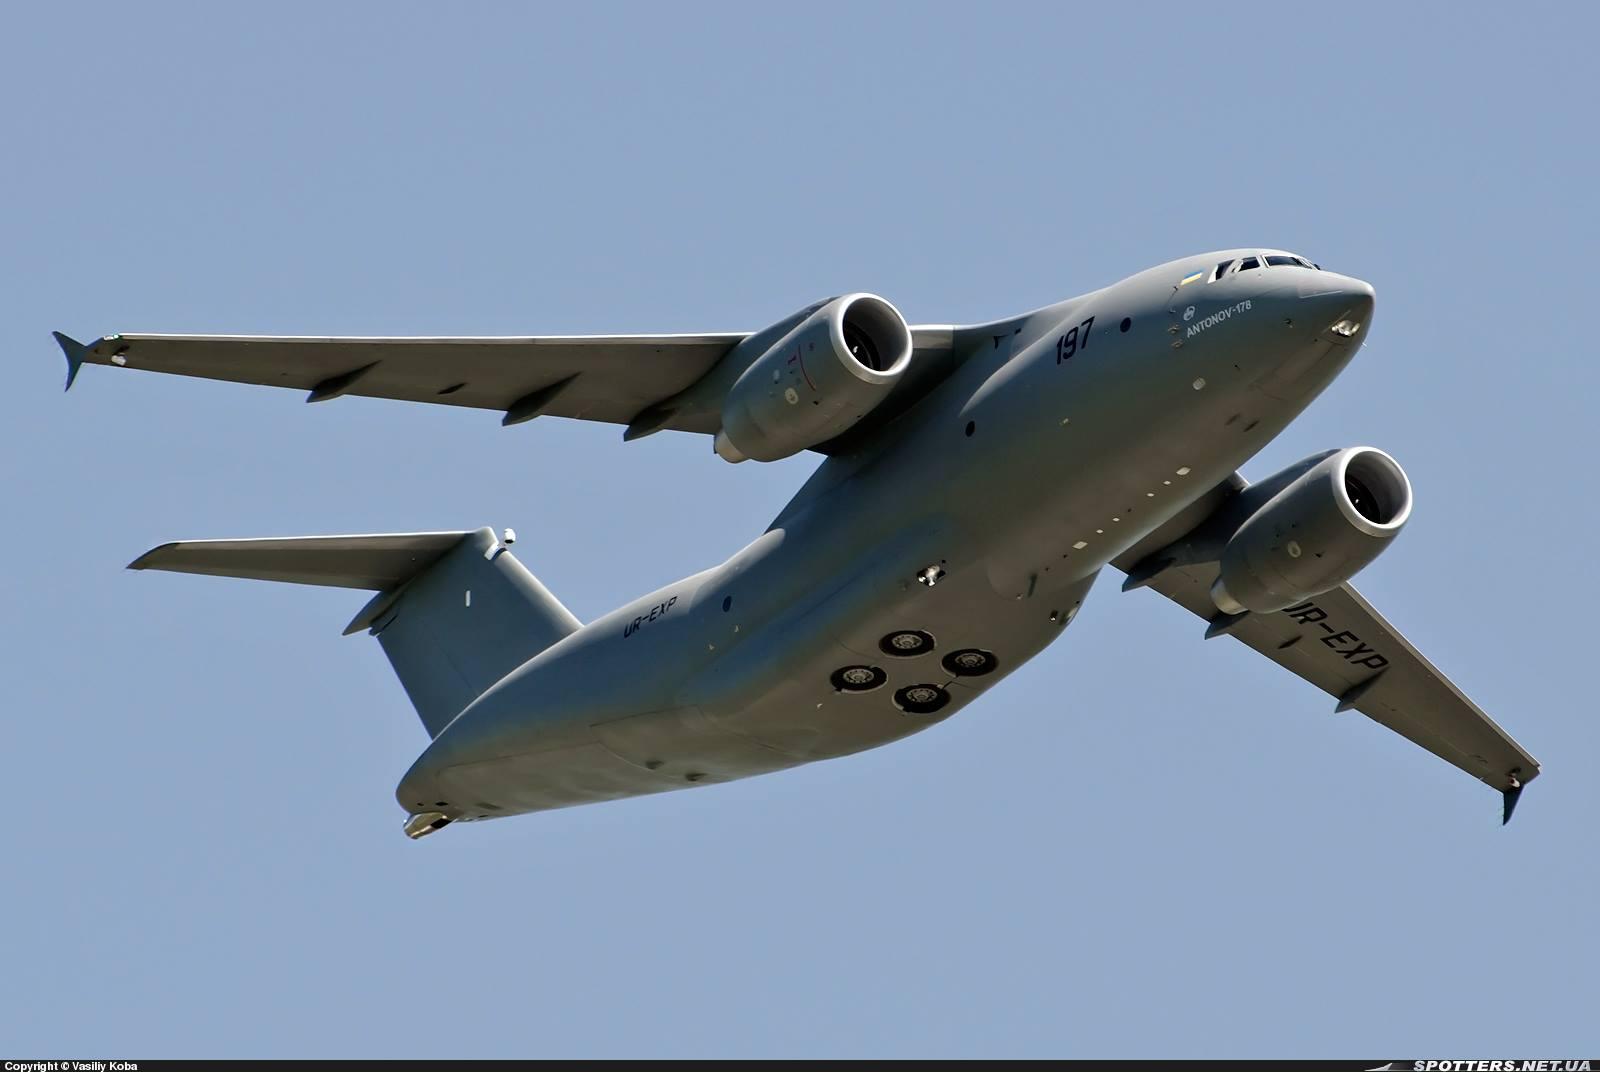 Украинский военно-транспортный самолет Ан-178 может обойти российский Ил-214